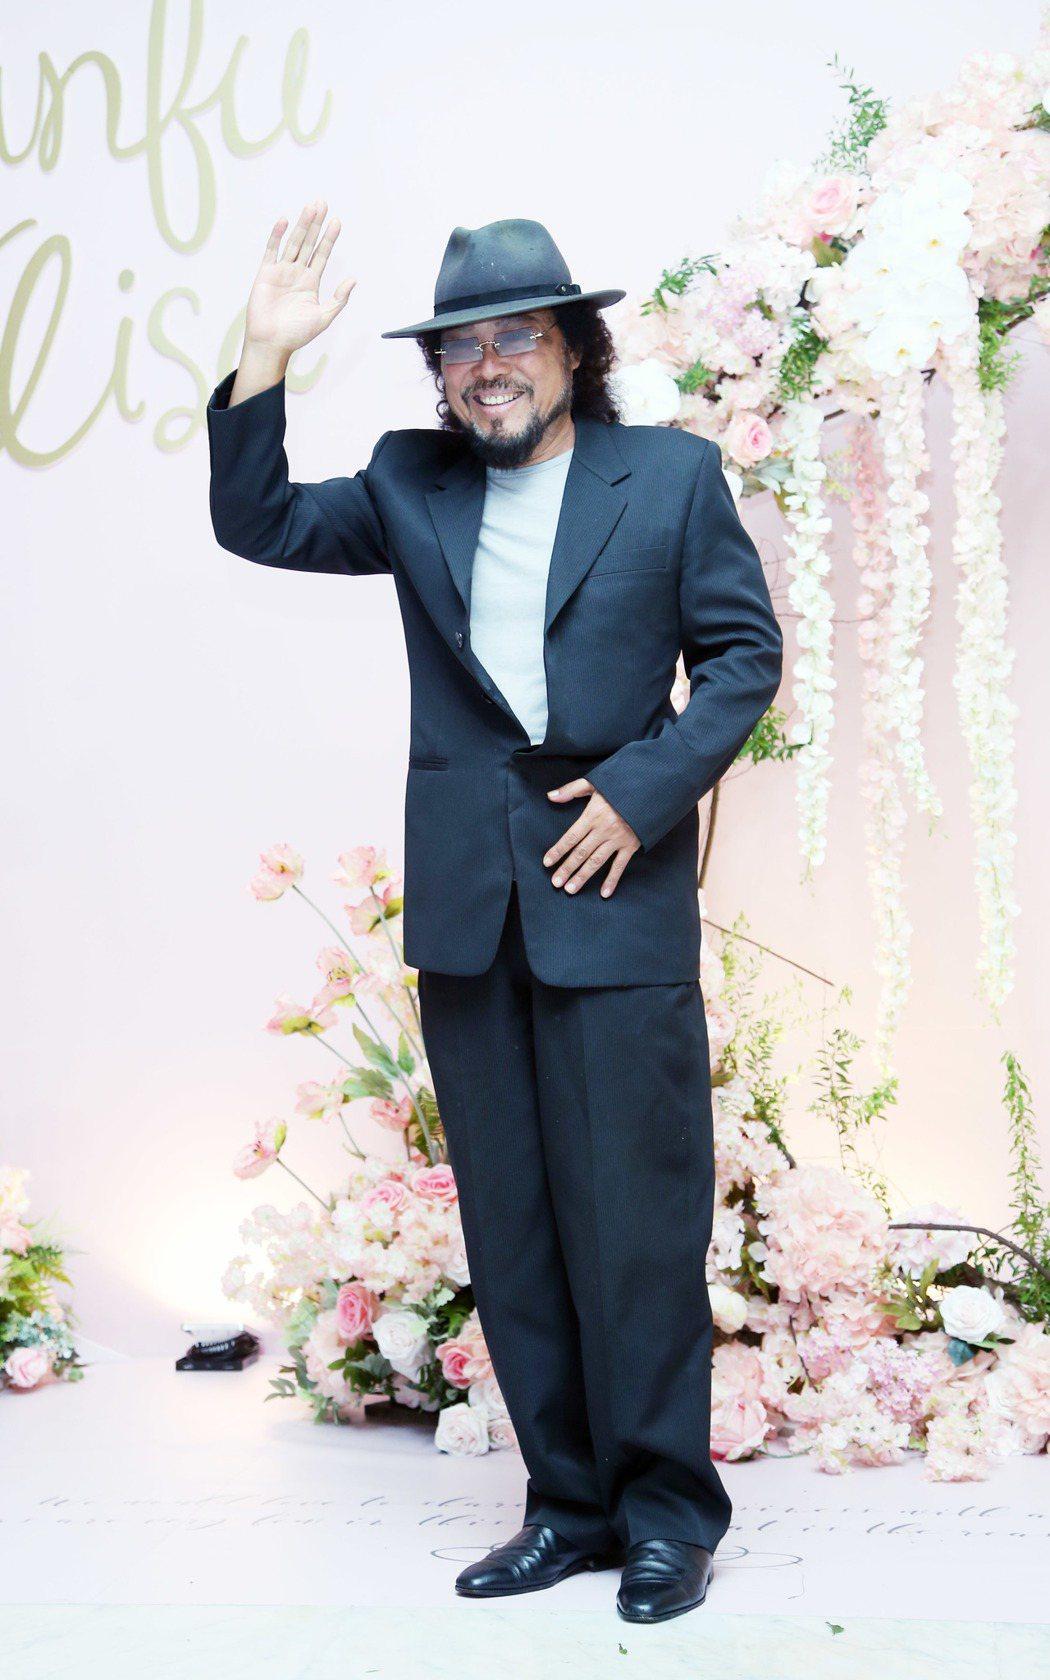 張菲昨天出席愛紗婚禮。記者陳瑞源/攝影